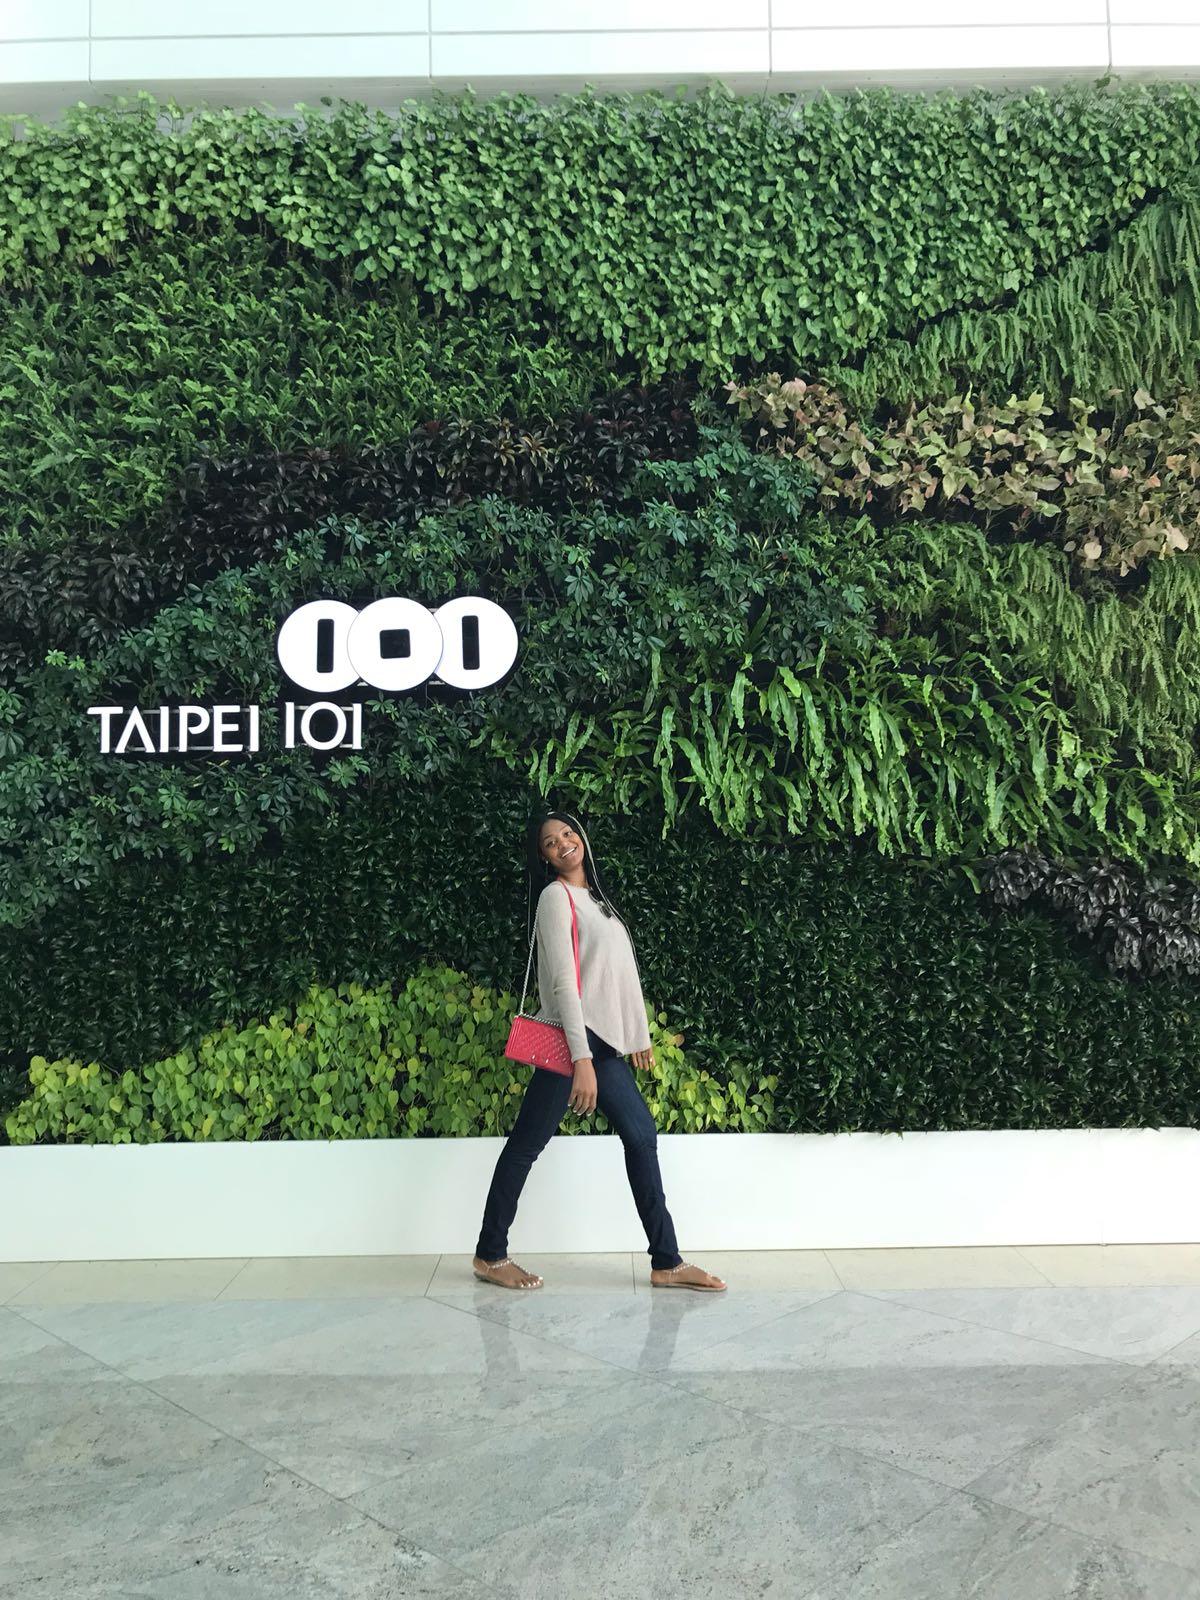 Explore Taipei